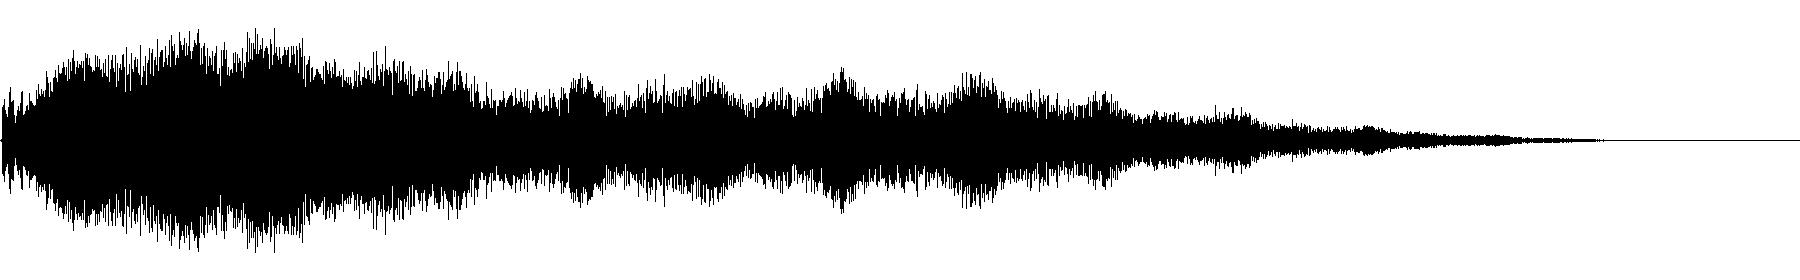 bluezone orbit sound 046